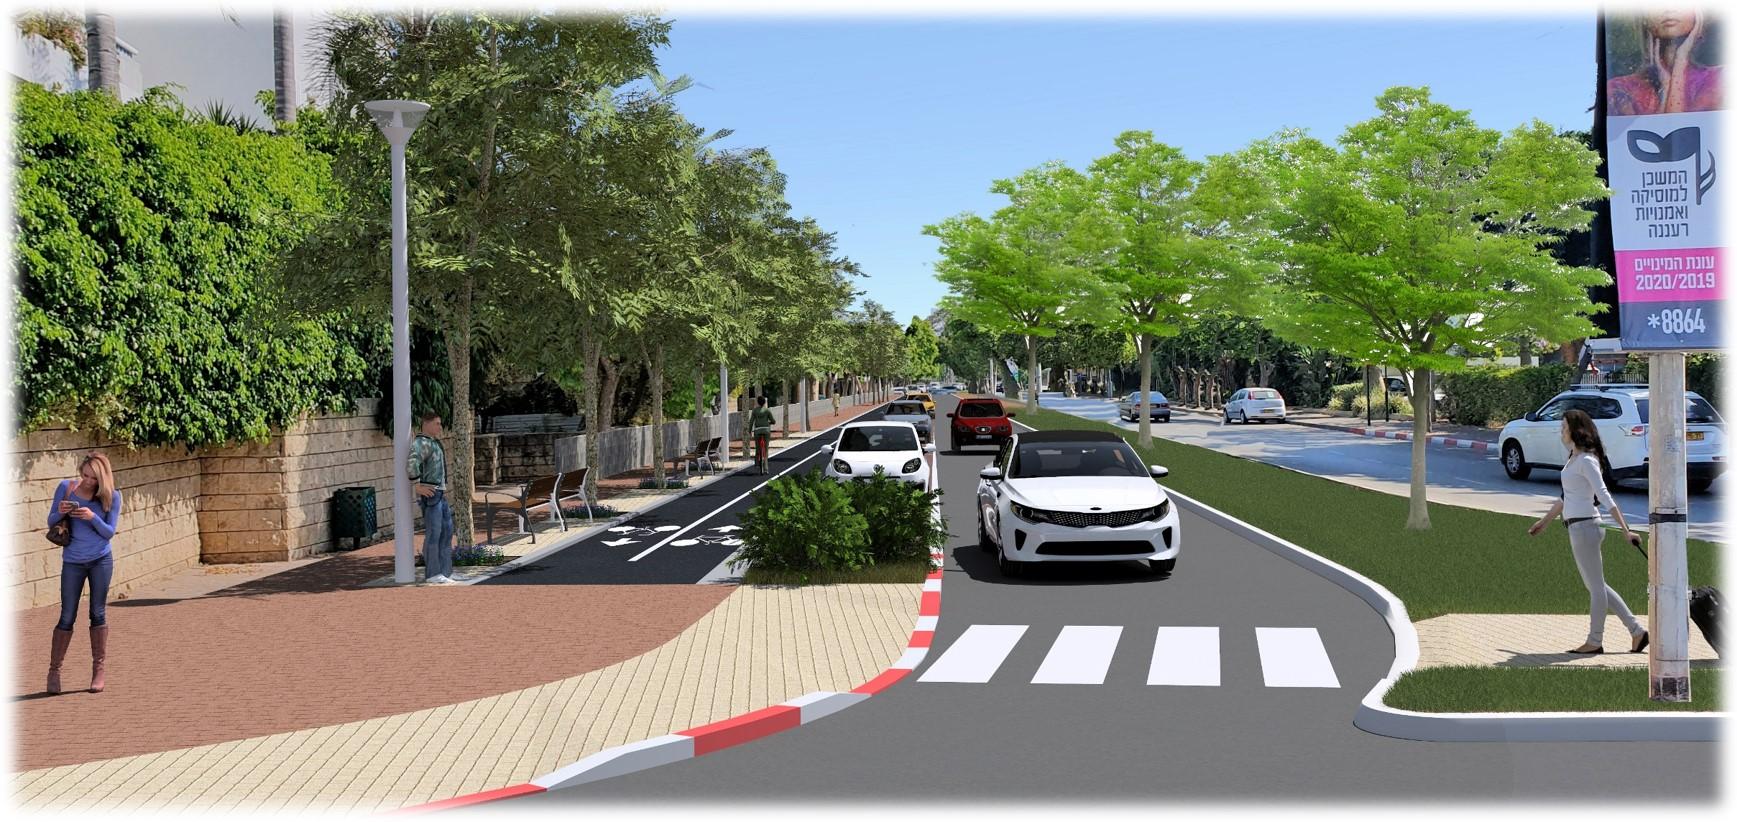 עיריית רעננה מתחילה בעבודות לסלילת שביל אופניים חדש ברחוב קרן היסוד